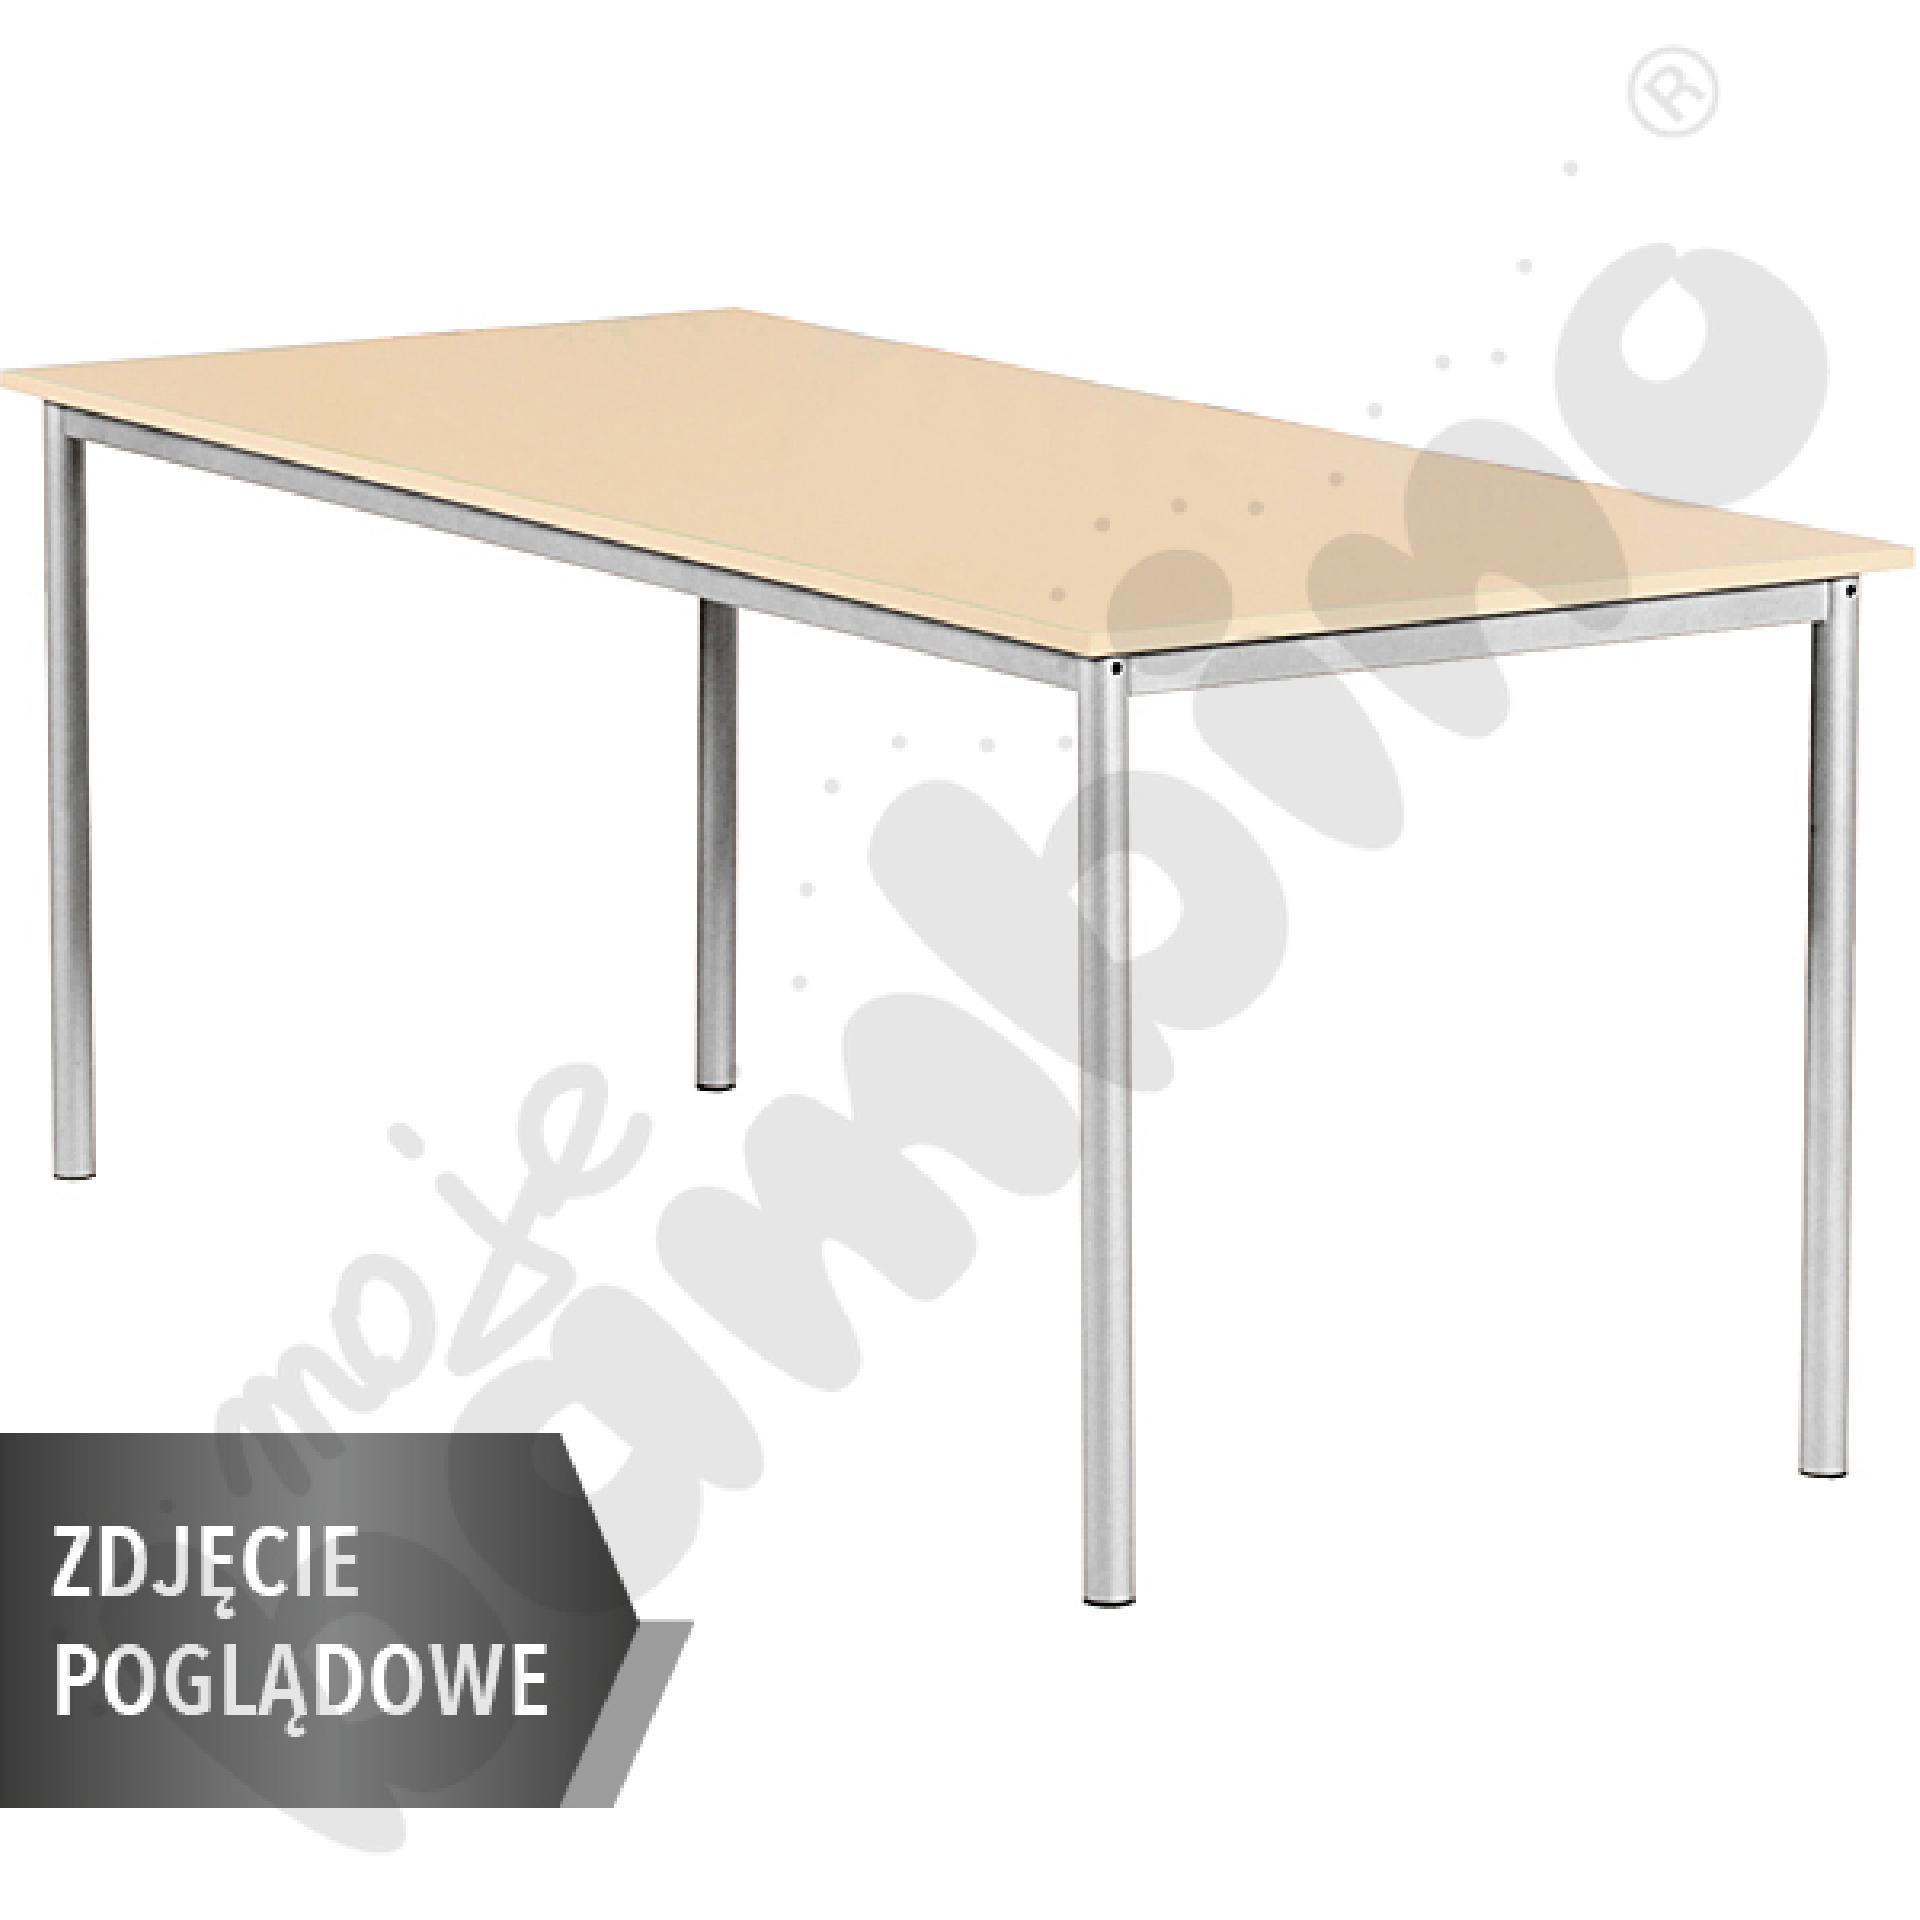 Stół Mila 160x80 rozm. 6, 8os., stelaż żółty, blat buk, obrzeże ABS, narożniki proste